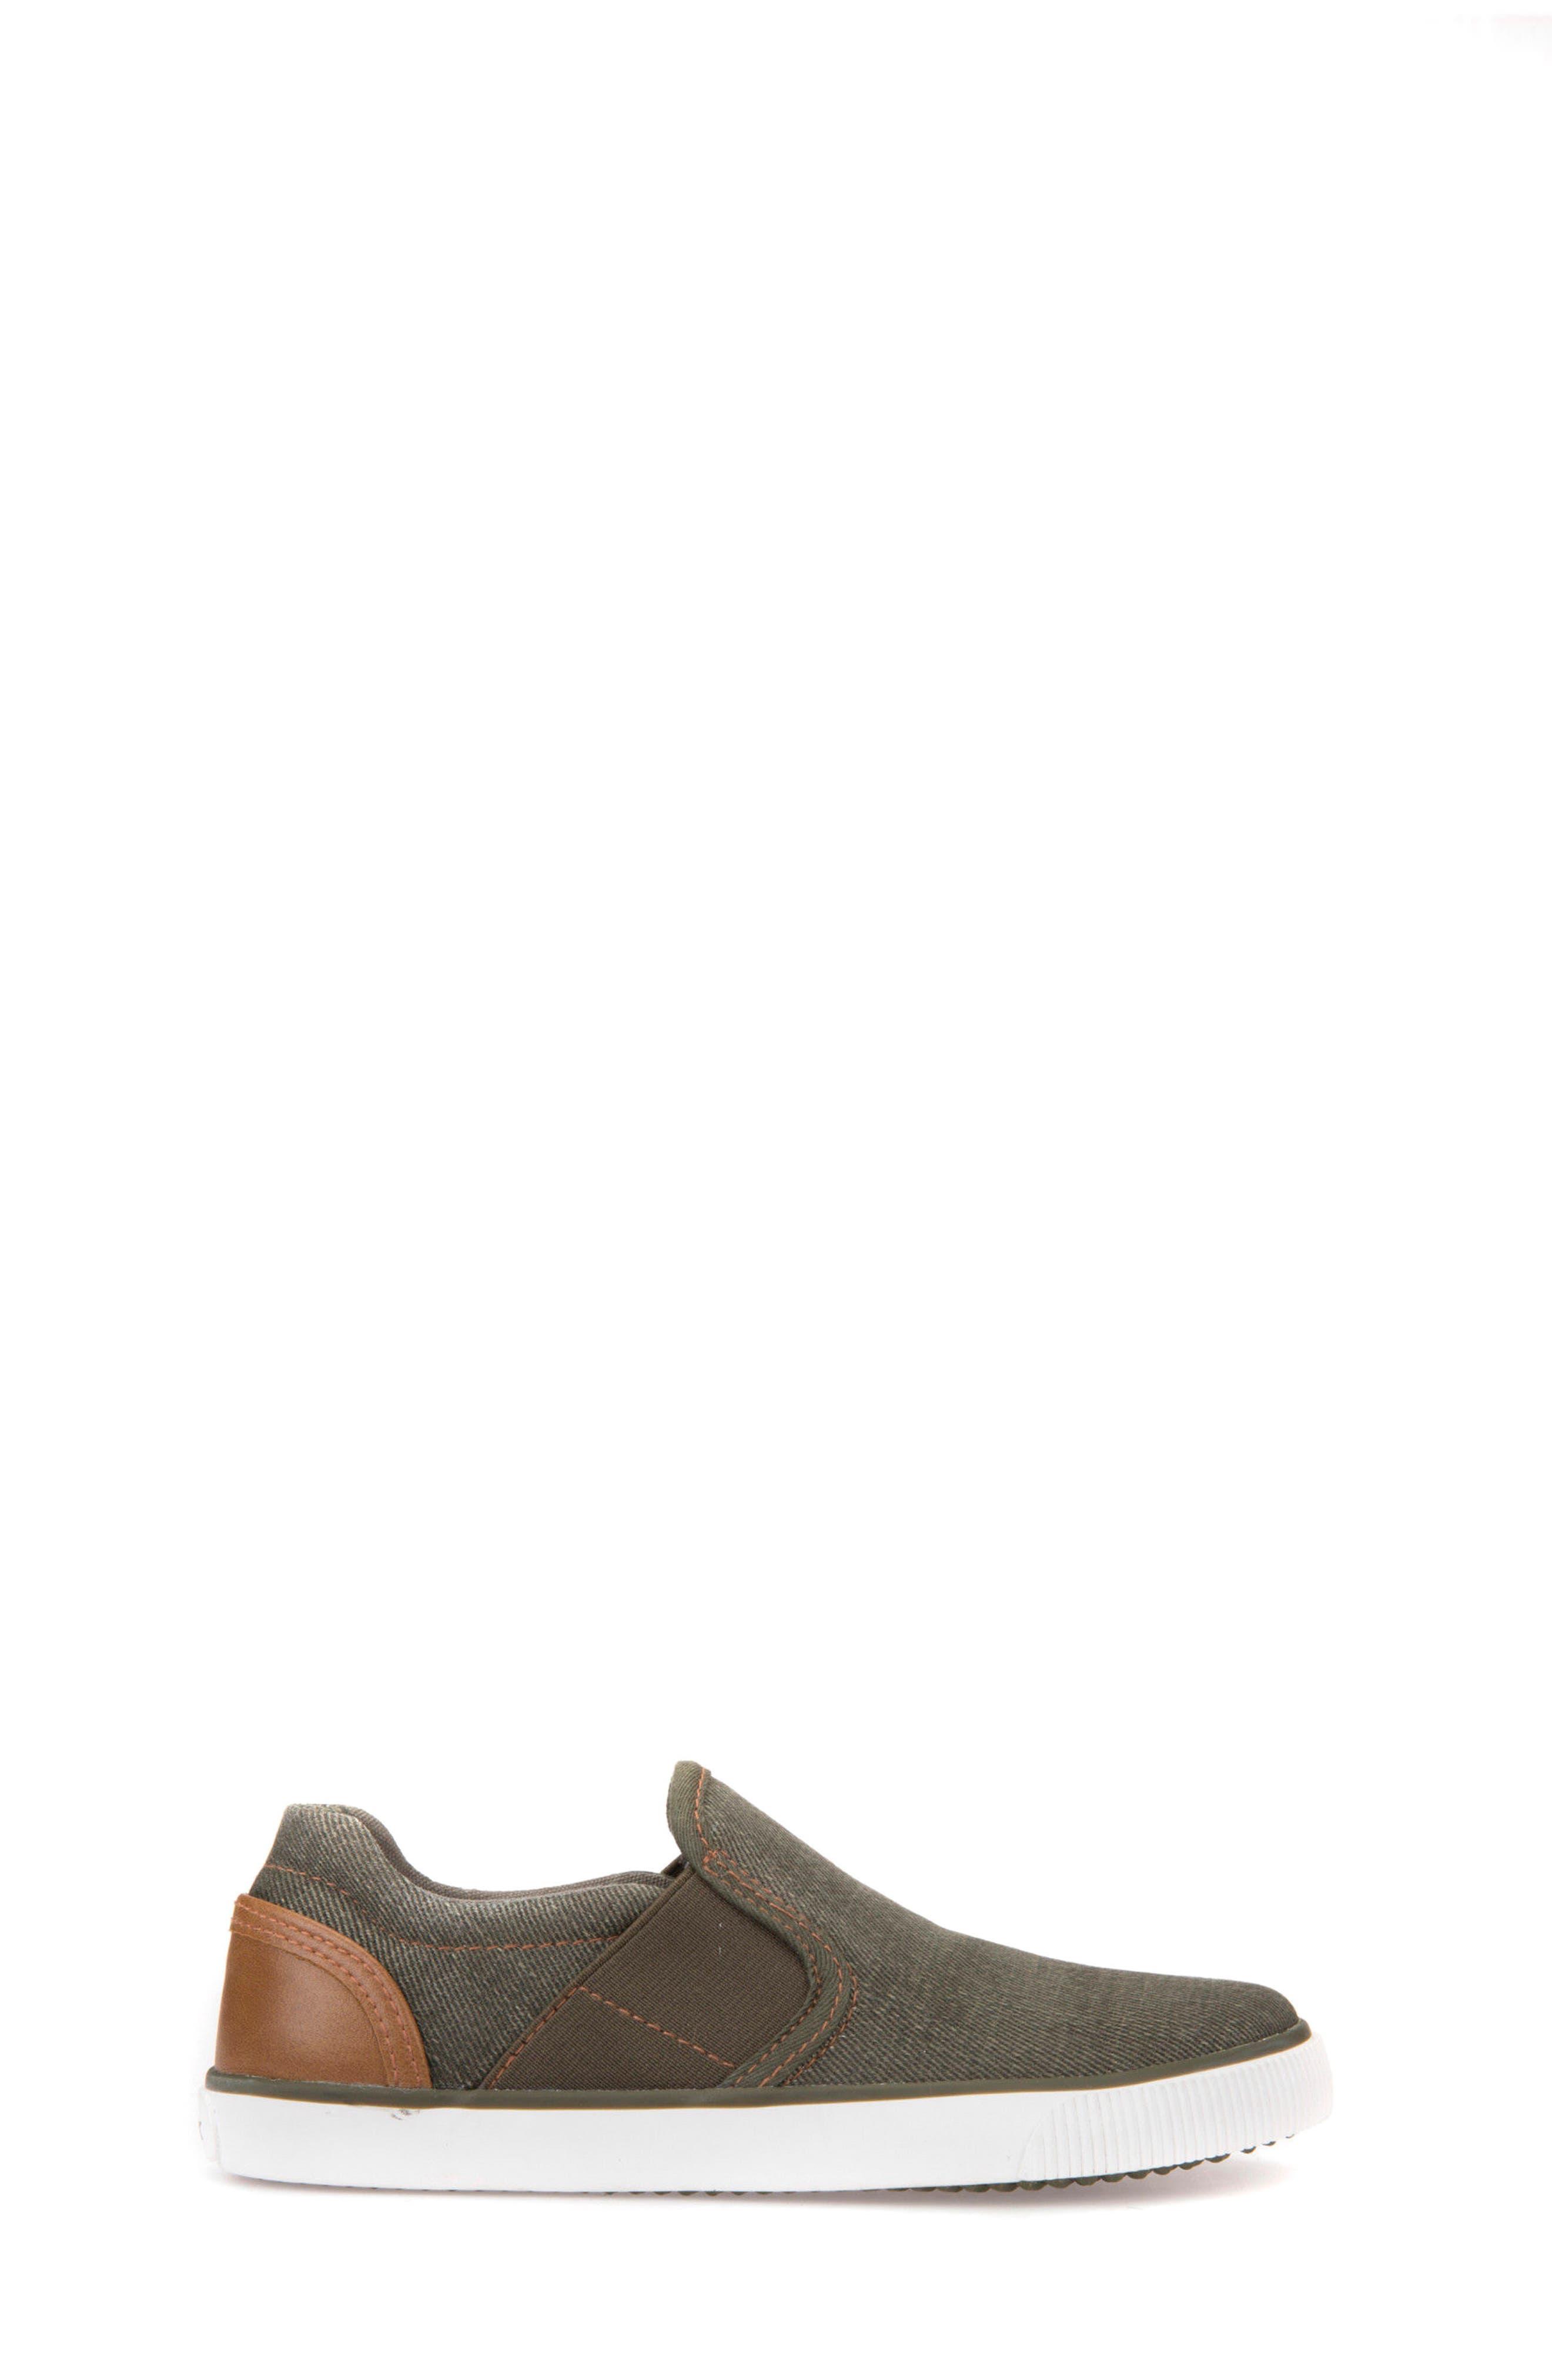 Kilwi Slip-On Sneaker,                             Alternate thumbnail 3, color,                             Military/ Light Brown